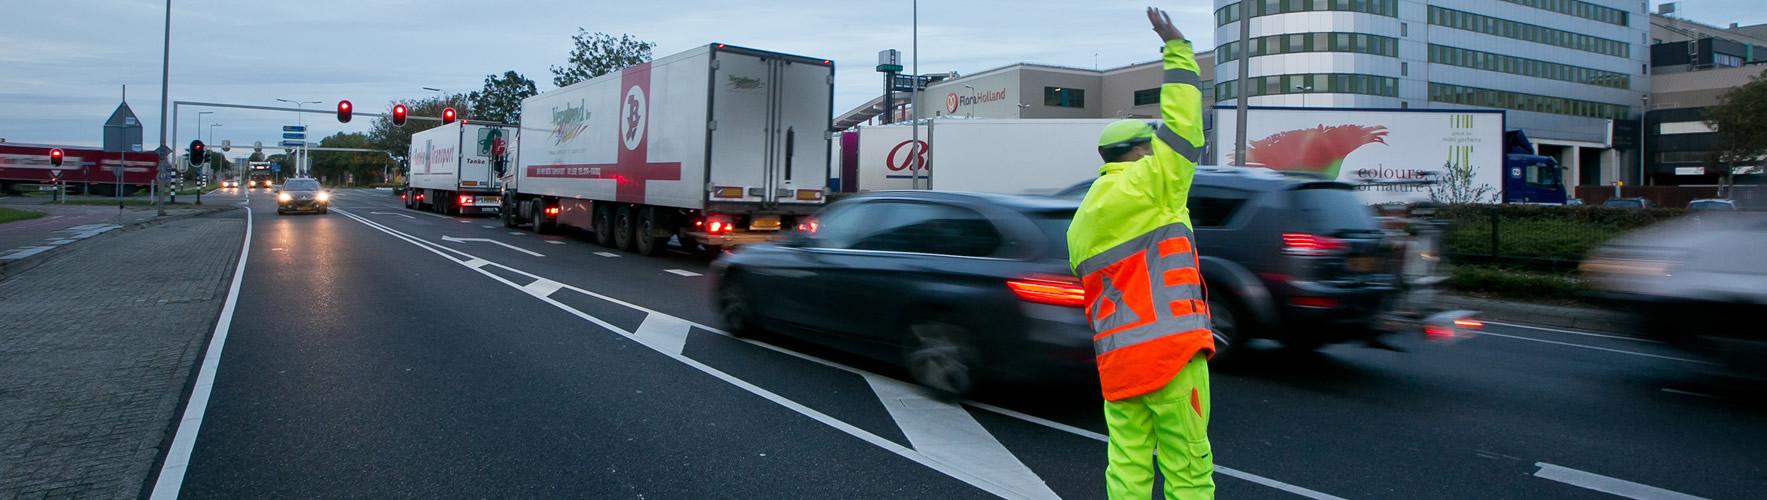 Verkeersregelaars-kleding